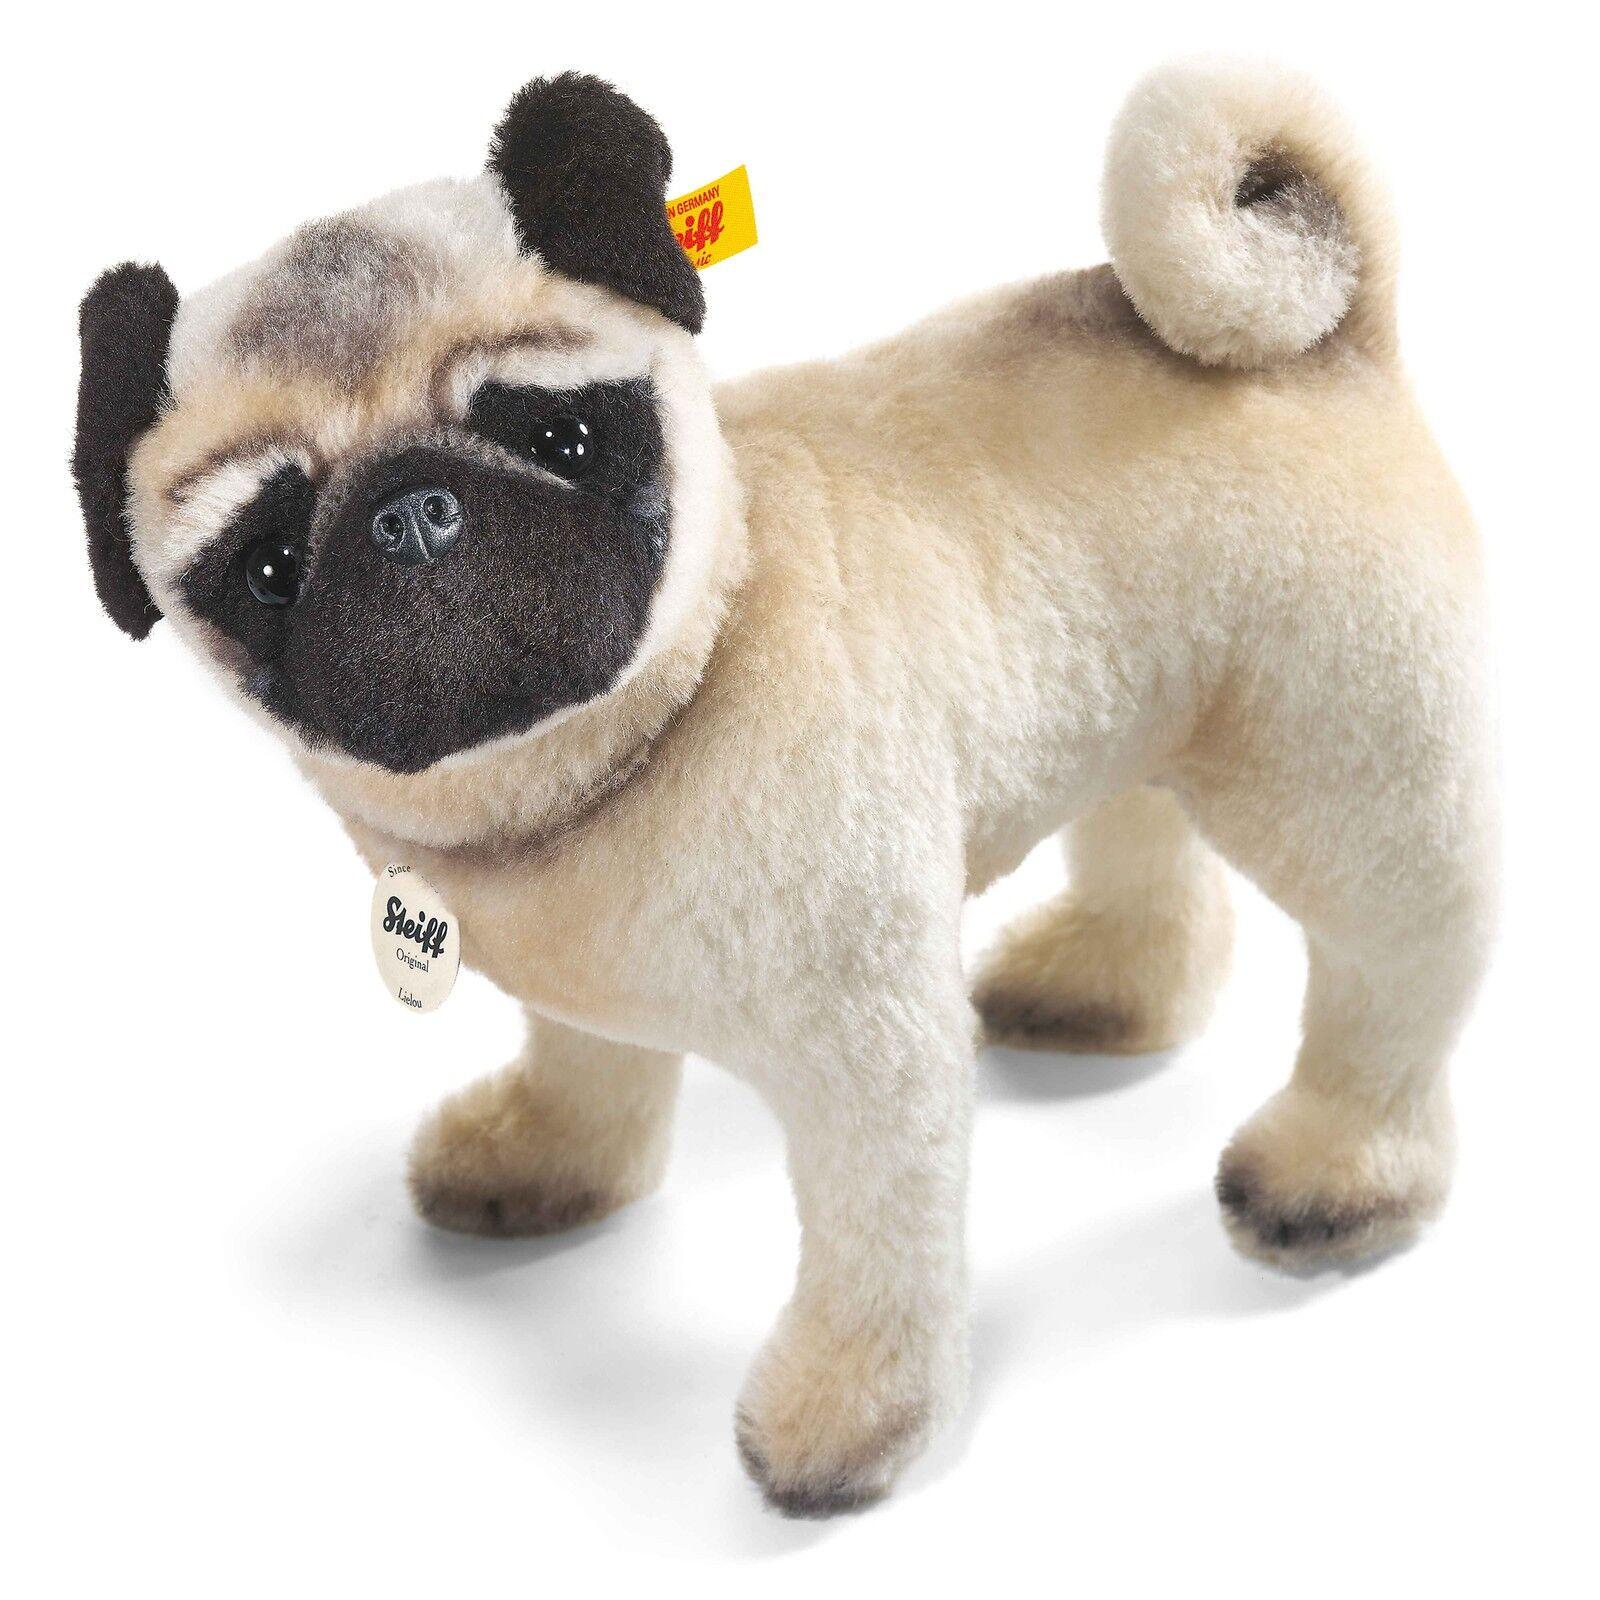 Steiff Lielou Mop Stehend Hund Verbunden Kopf Weiß Alpaka 30cm 045042 Neu